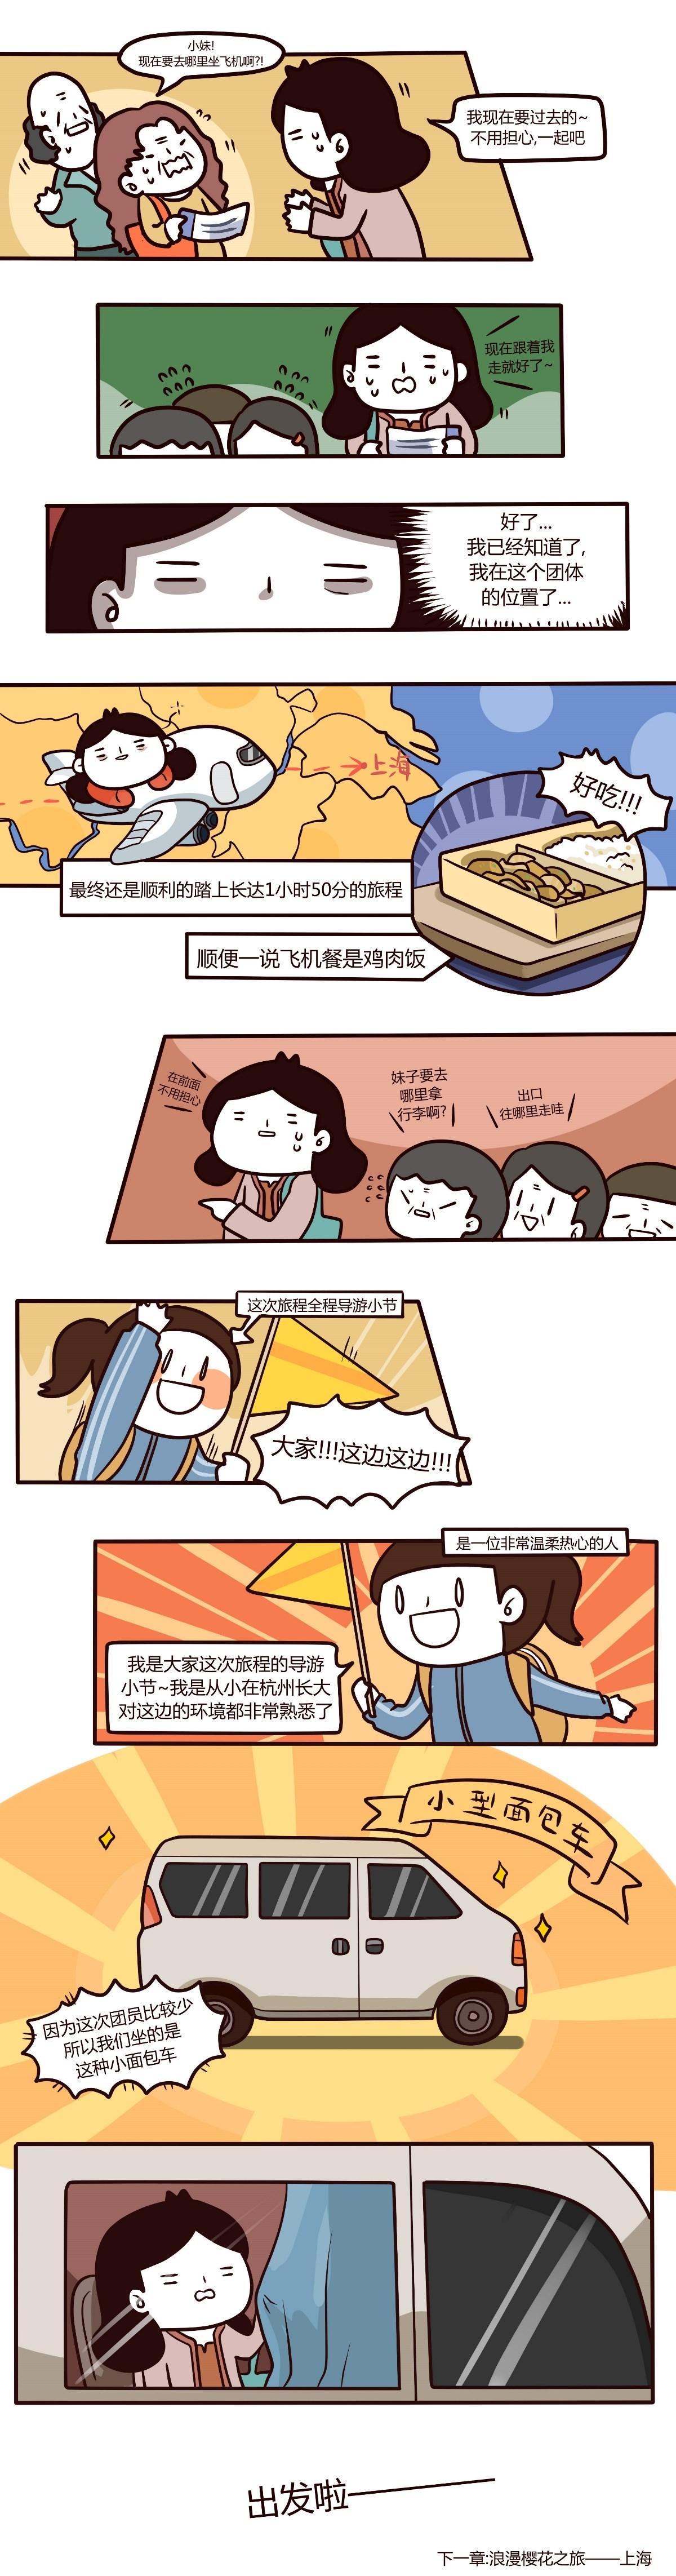 忧郁日记旅行篇——浪漫樱花之旅